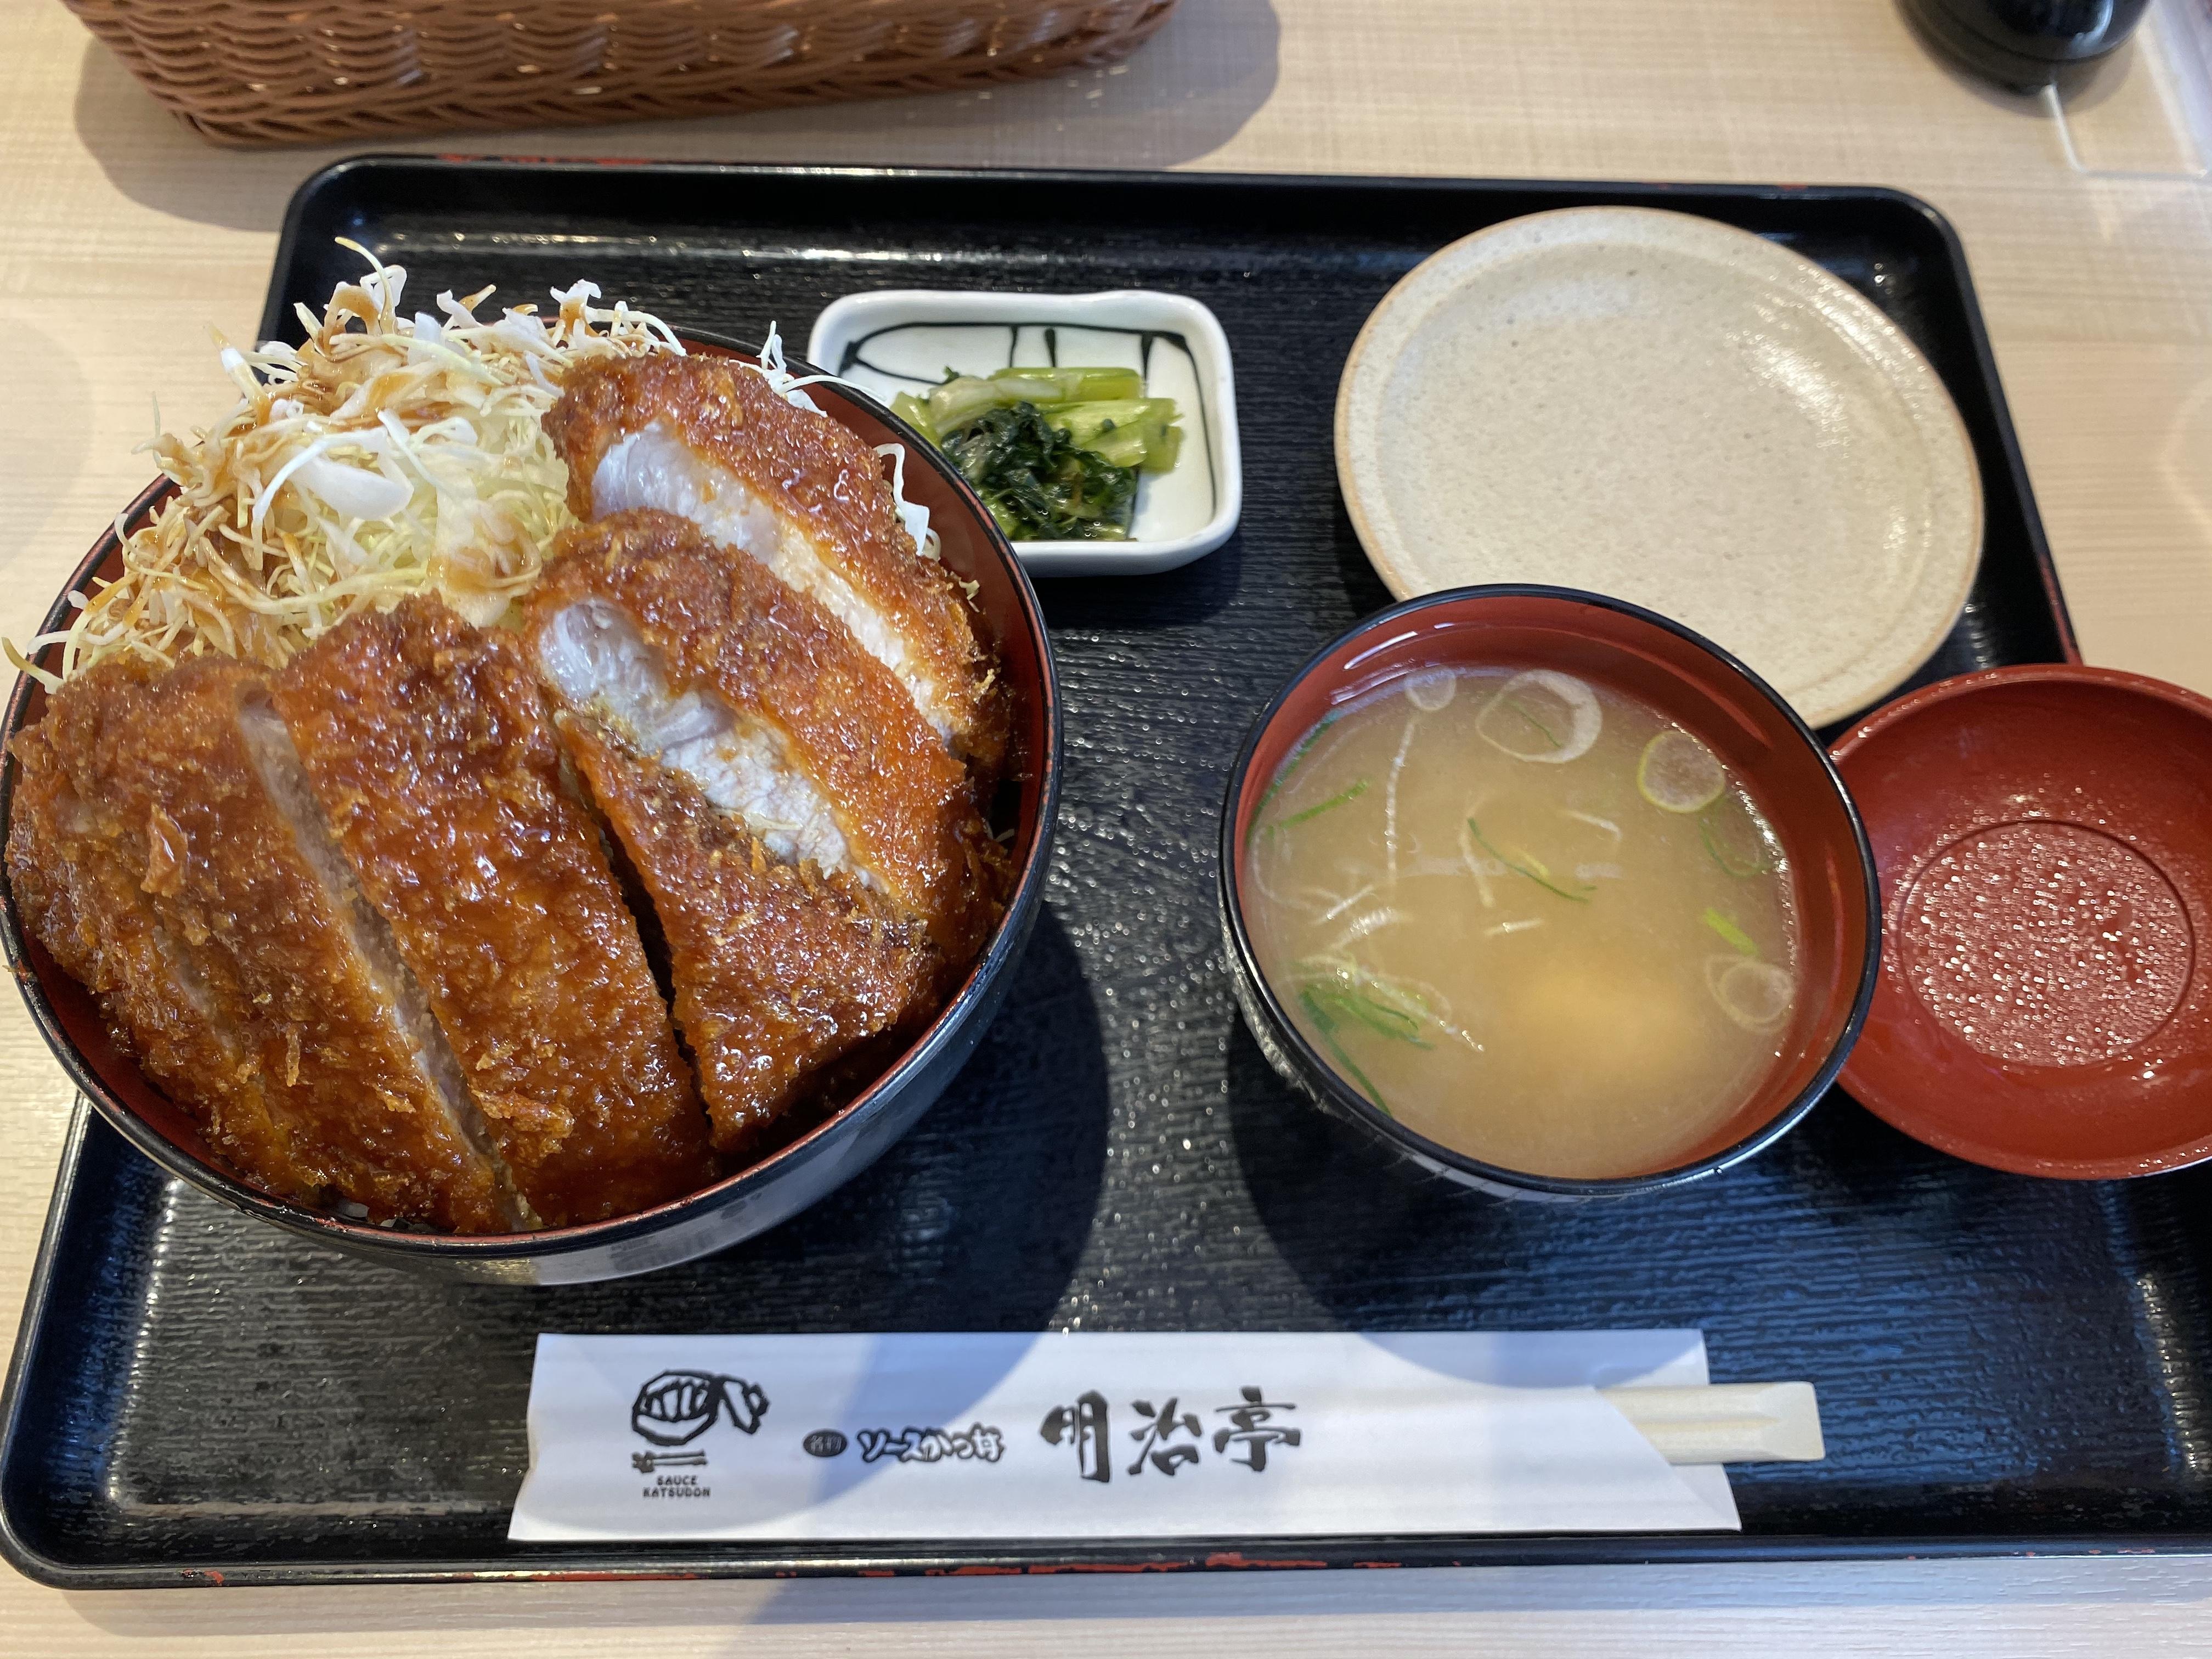 【長野駅から1分】駅直結の駒ケ根名物!明治亭の「ソースかつ丼」がボリューミーでおいしかった♪